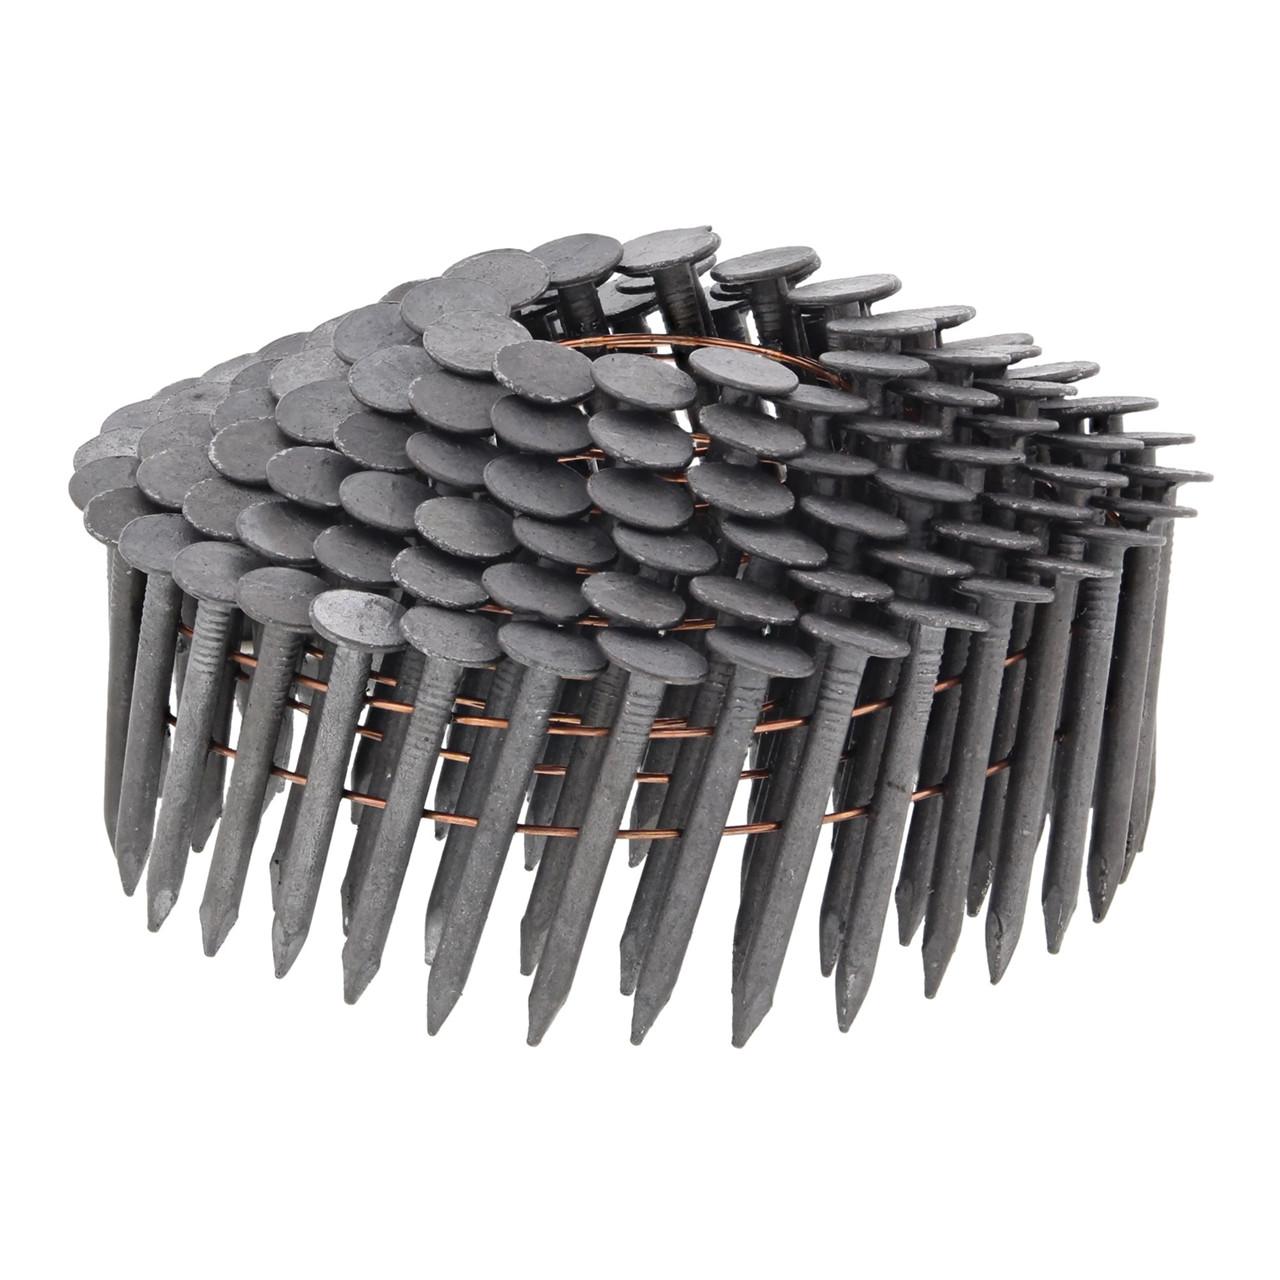 Køb PASLODE tagpapsøm 3,0x22MM CW GALV 1000stk 1gas